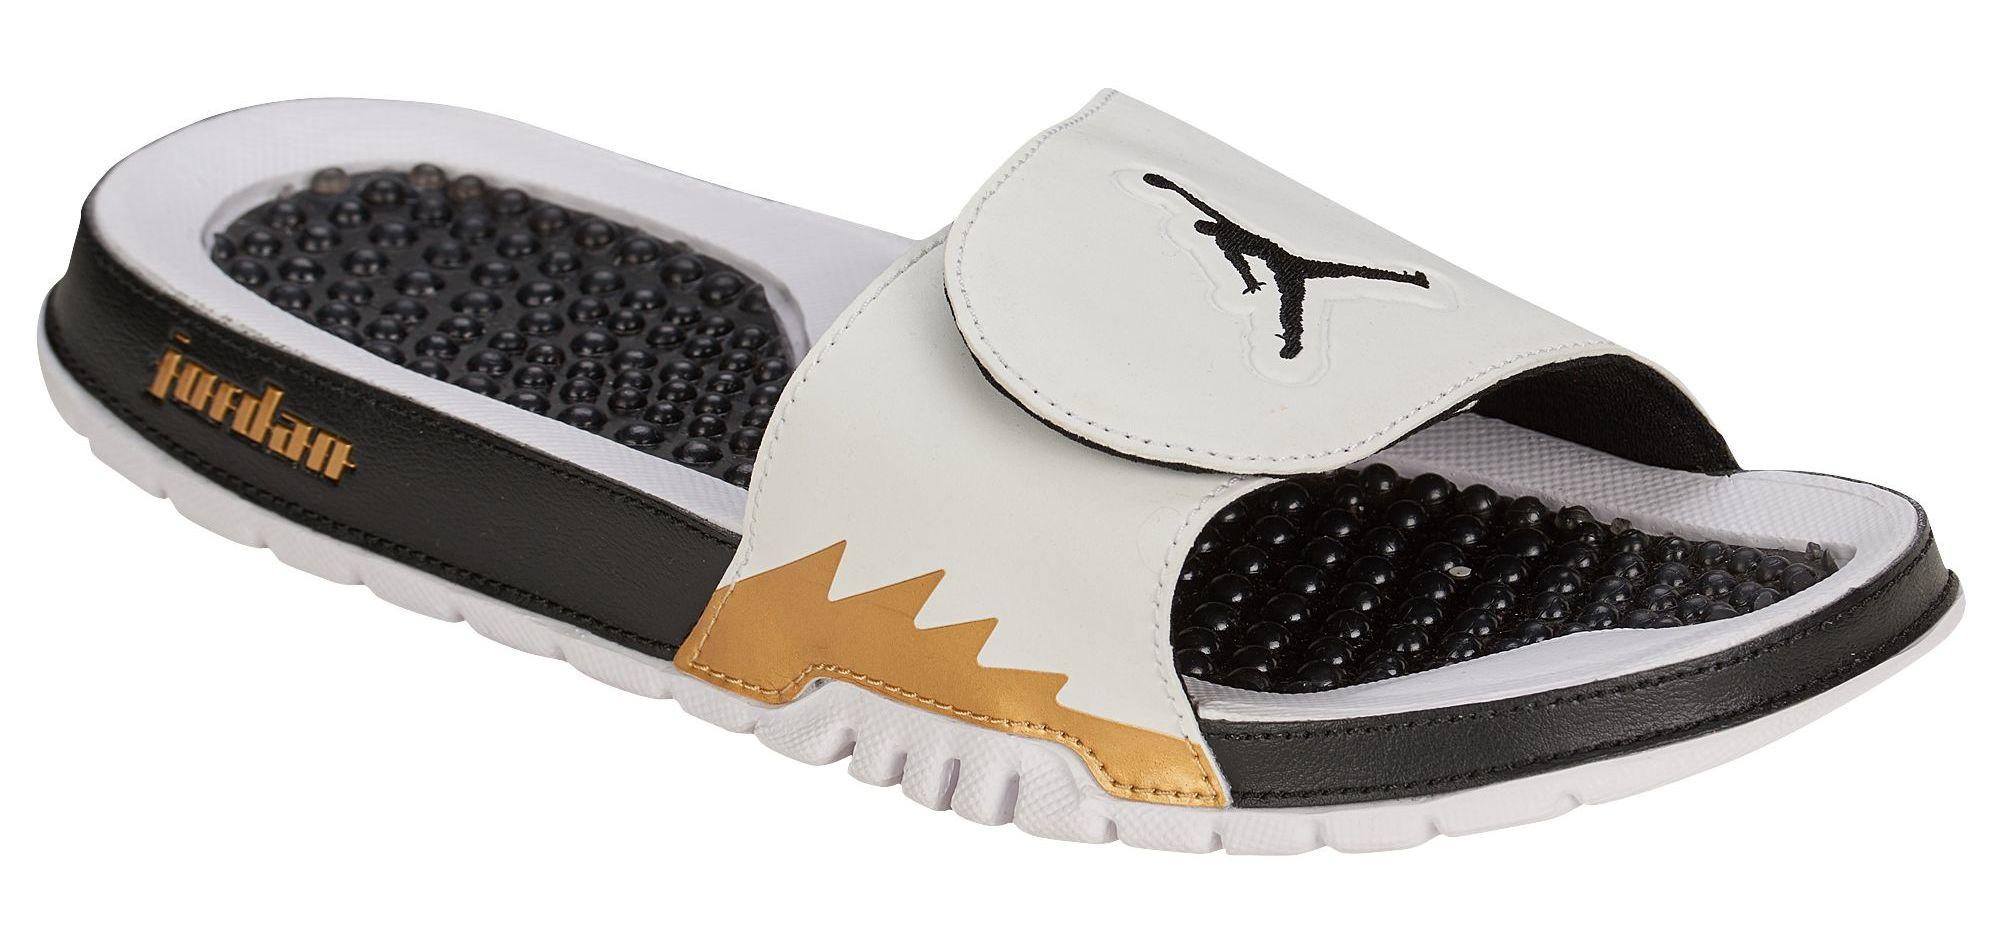 Nike Air Jordan Retro 1 Slides Heavenly Nightlife